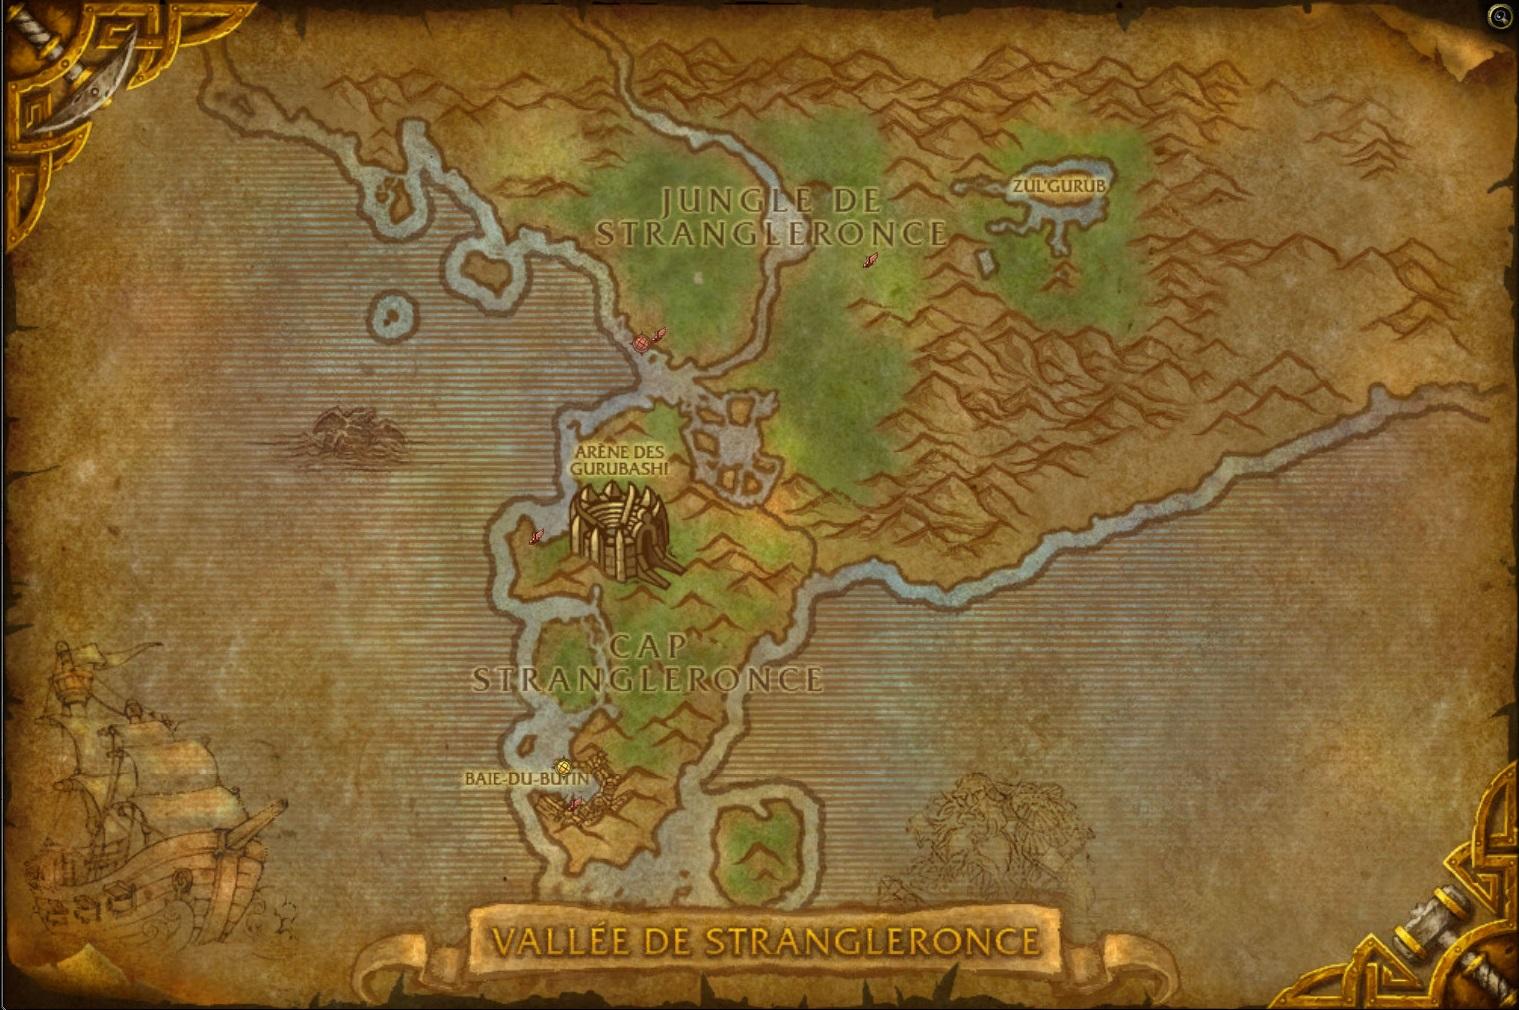 Vallée de Strangleronce map cata